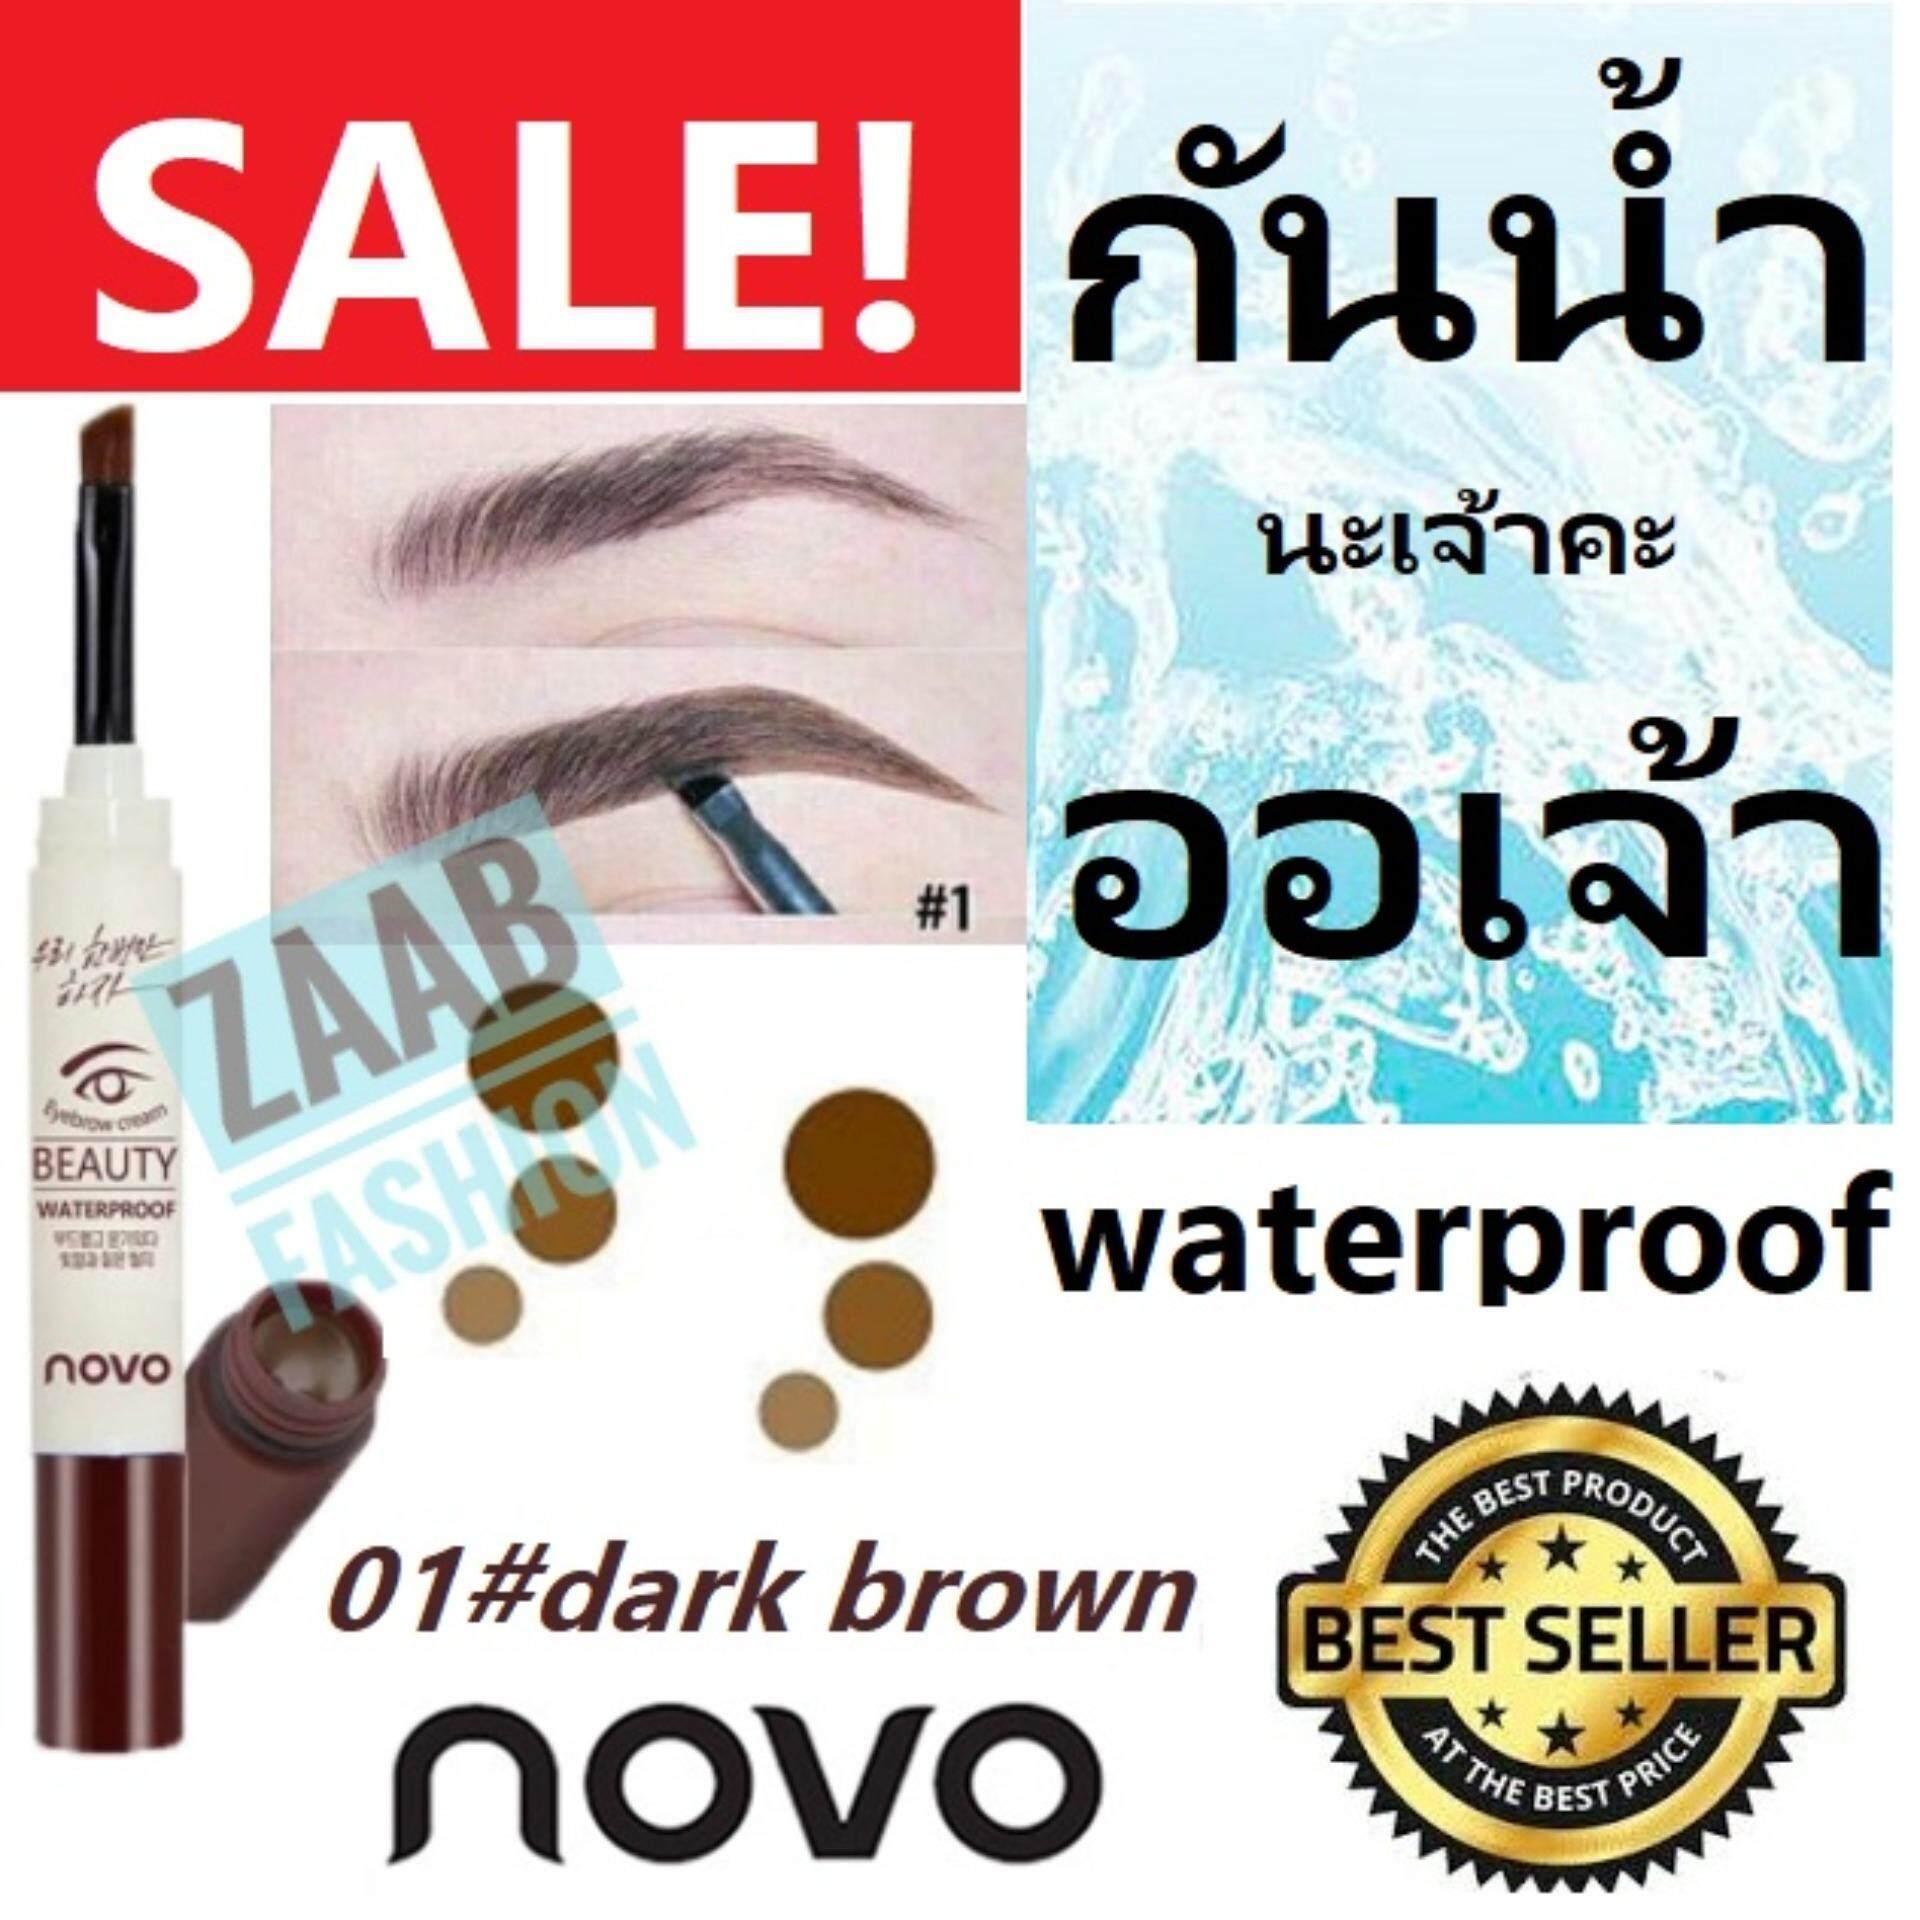 Novo Eyebrow เจลเขียนคิ้ว ของแท้ 100%(zaab Fashion)(no.01 Dark Brown สีน้ำตาลเข้ม) โนโว เจลเขียนคิ้ว แห้งเร็ว ติดทน กันน้ำ 100% กันเหงื่อ รีวิวแน่น โด่งดังมากใน Social คอนเฟิร์มโดย บล็อกเกอร์ชื่อดังมากมาย.